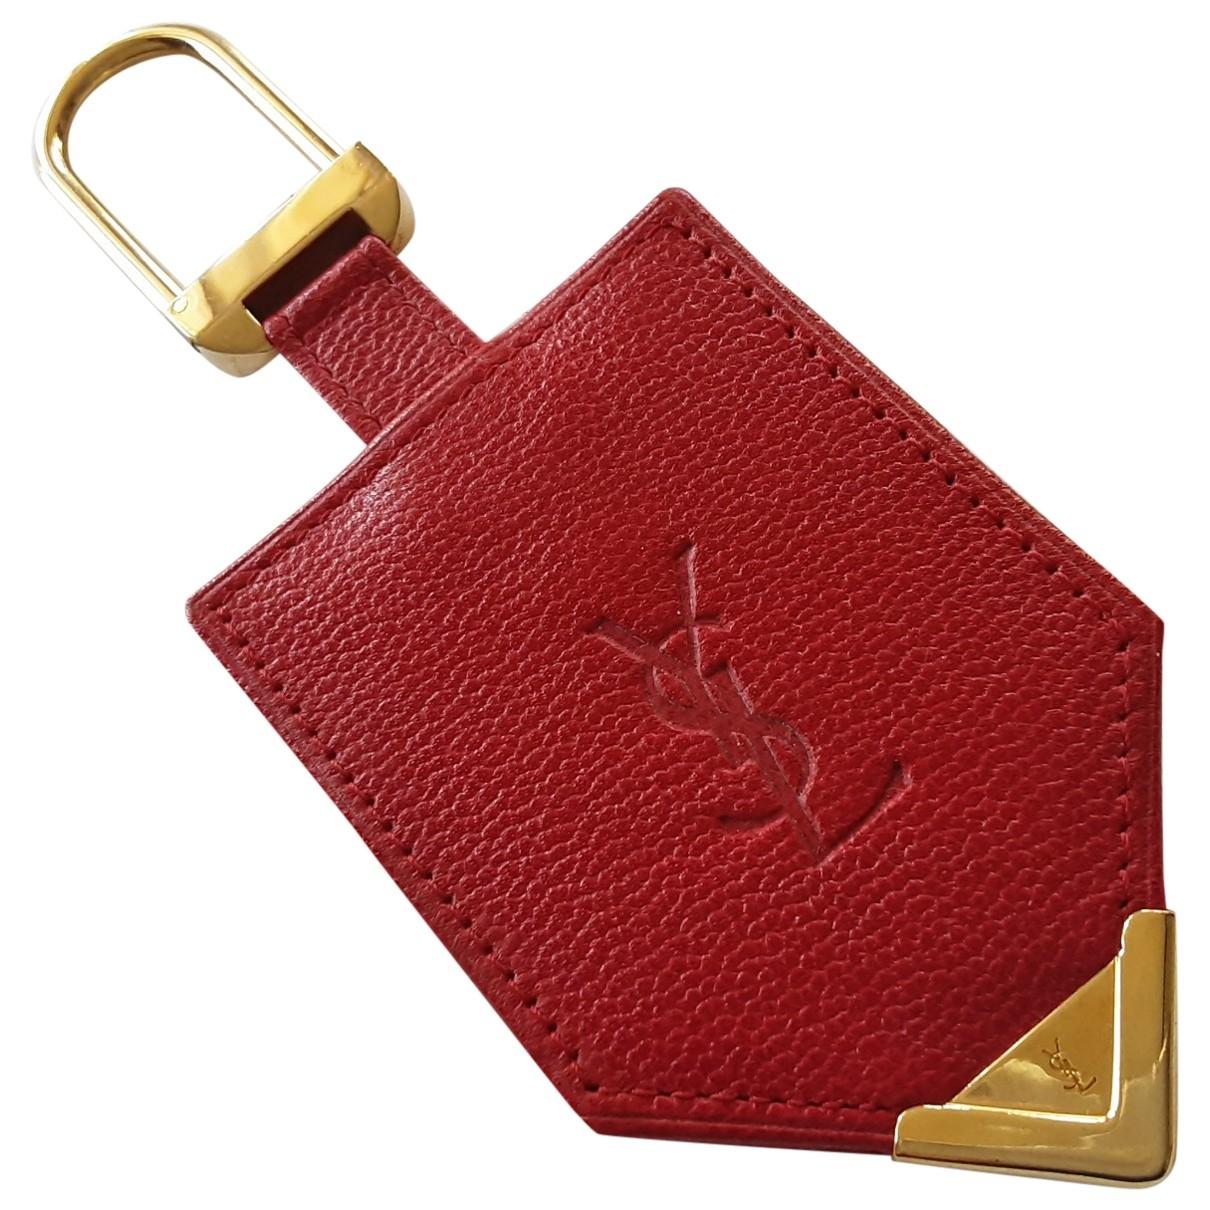 Yves Saint Laurent \N Taschenschmuck in  Rot Leder